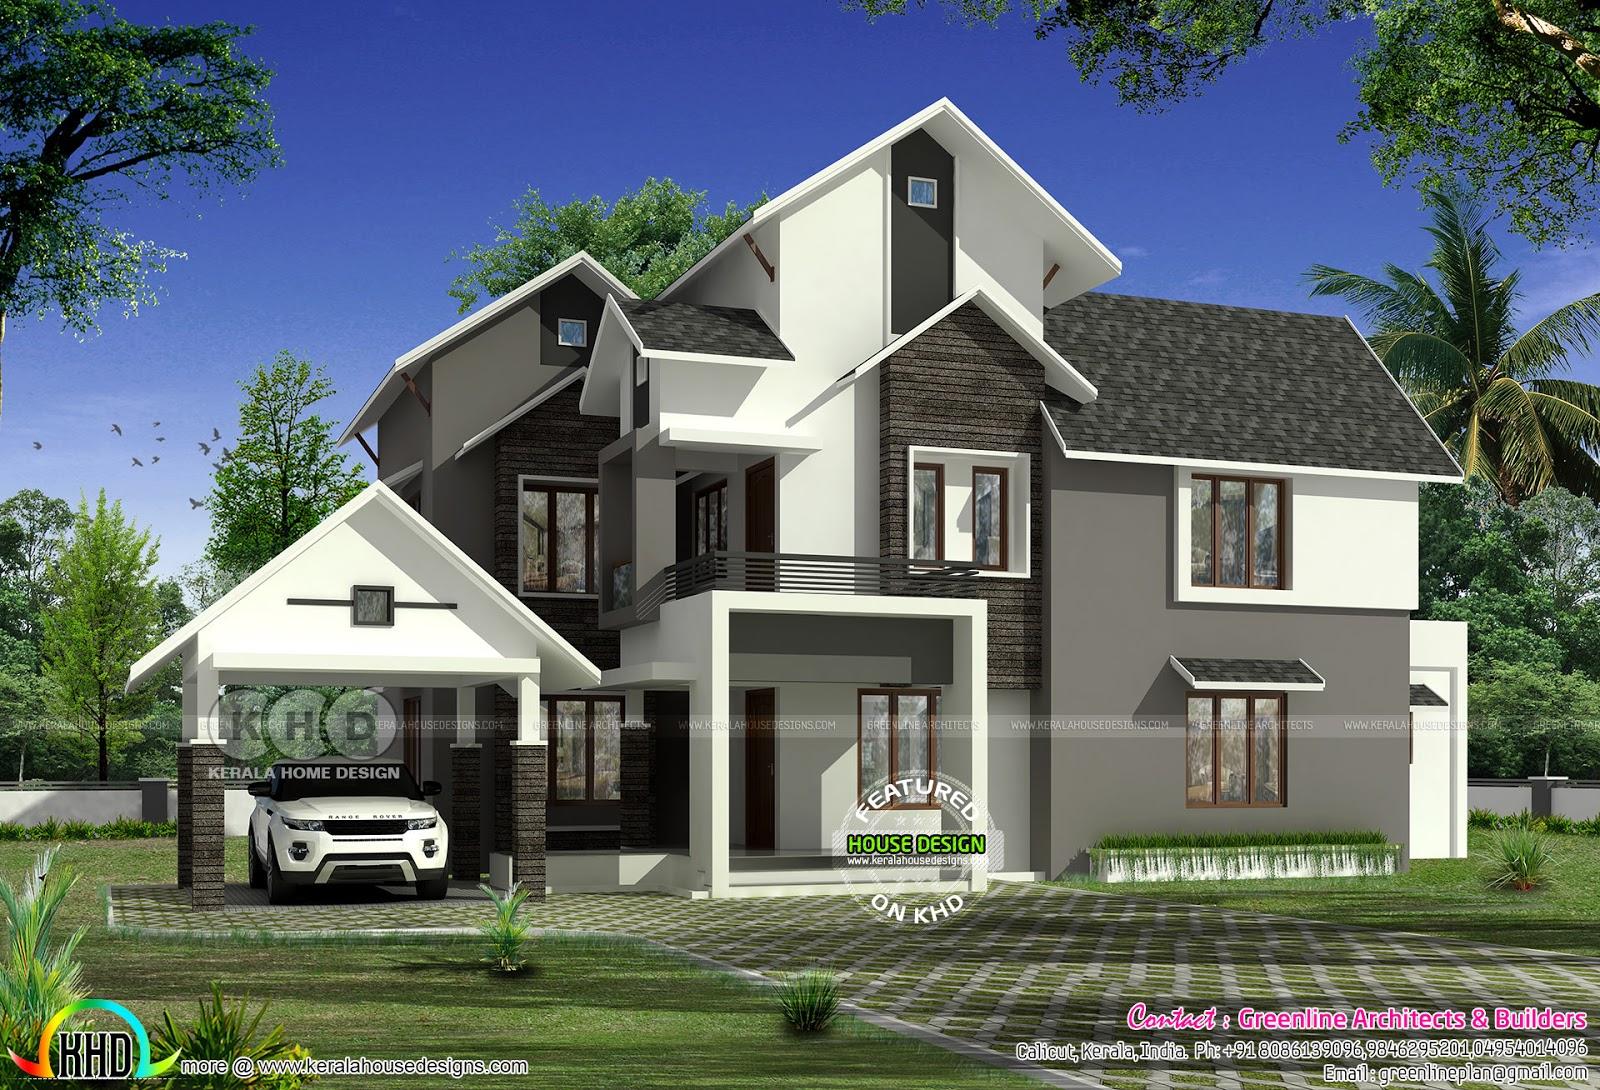 2850 Sq Ft 4 Bedroom Modern Sloped Roof House Kerala